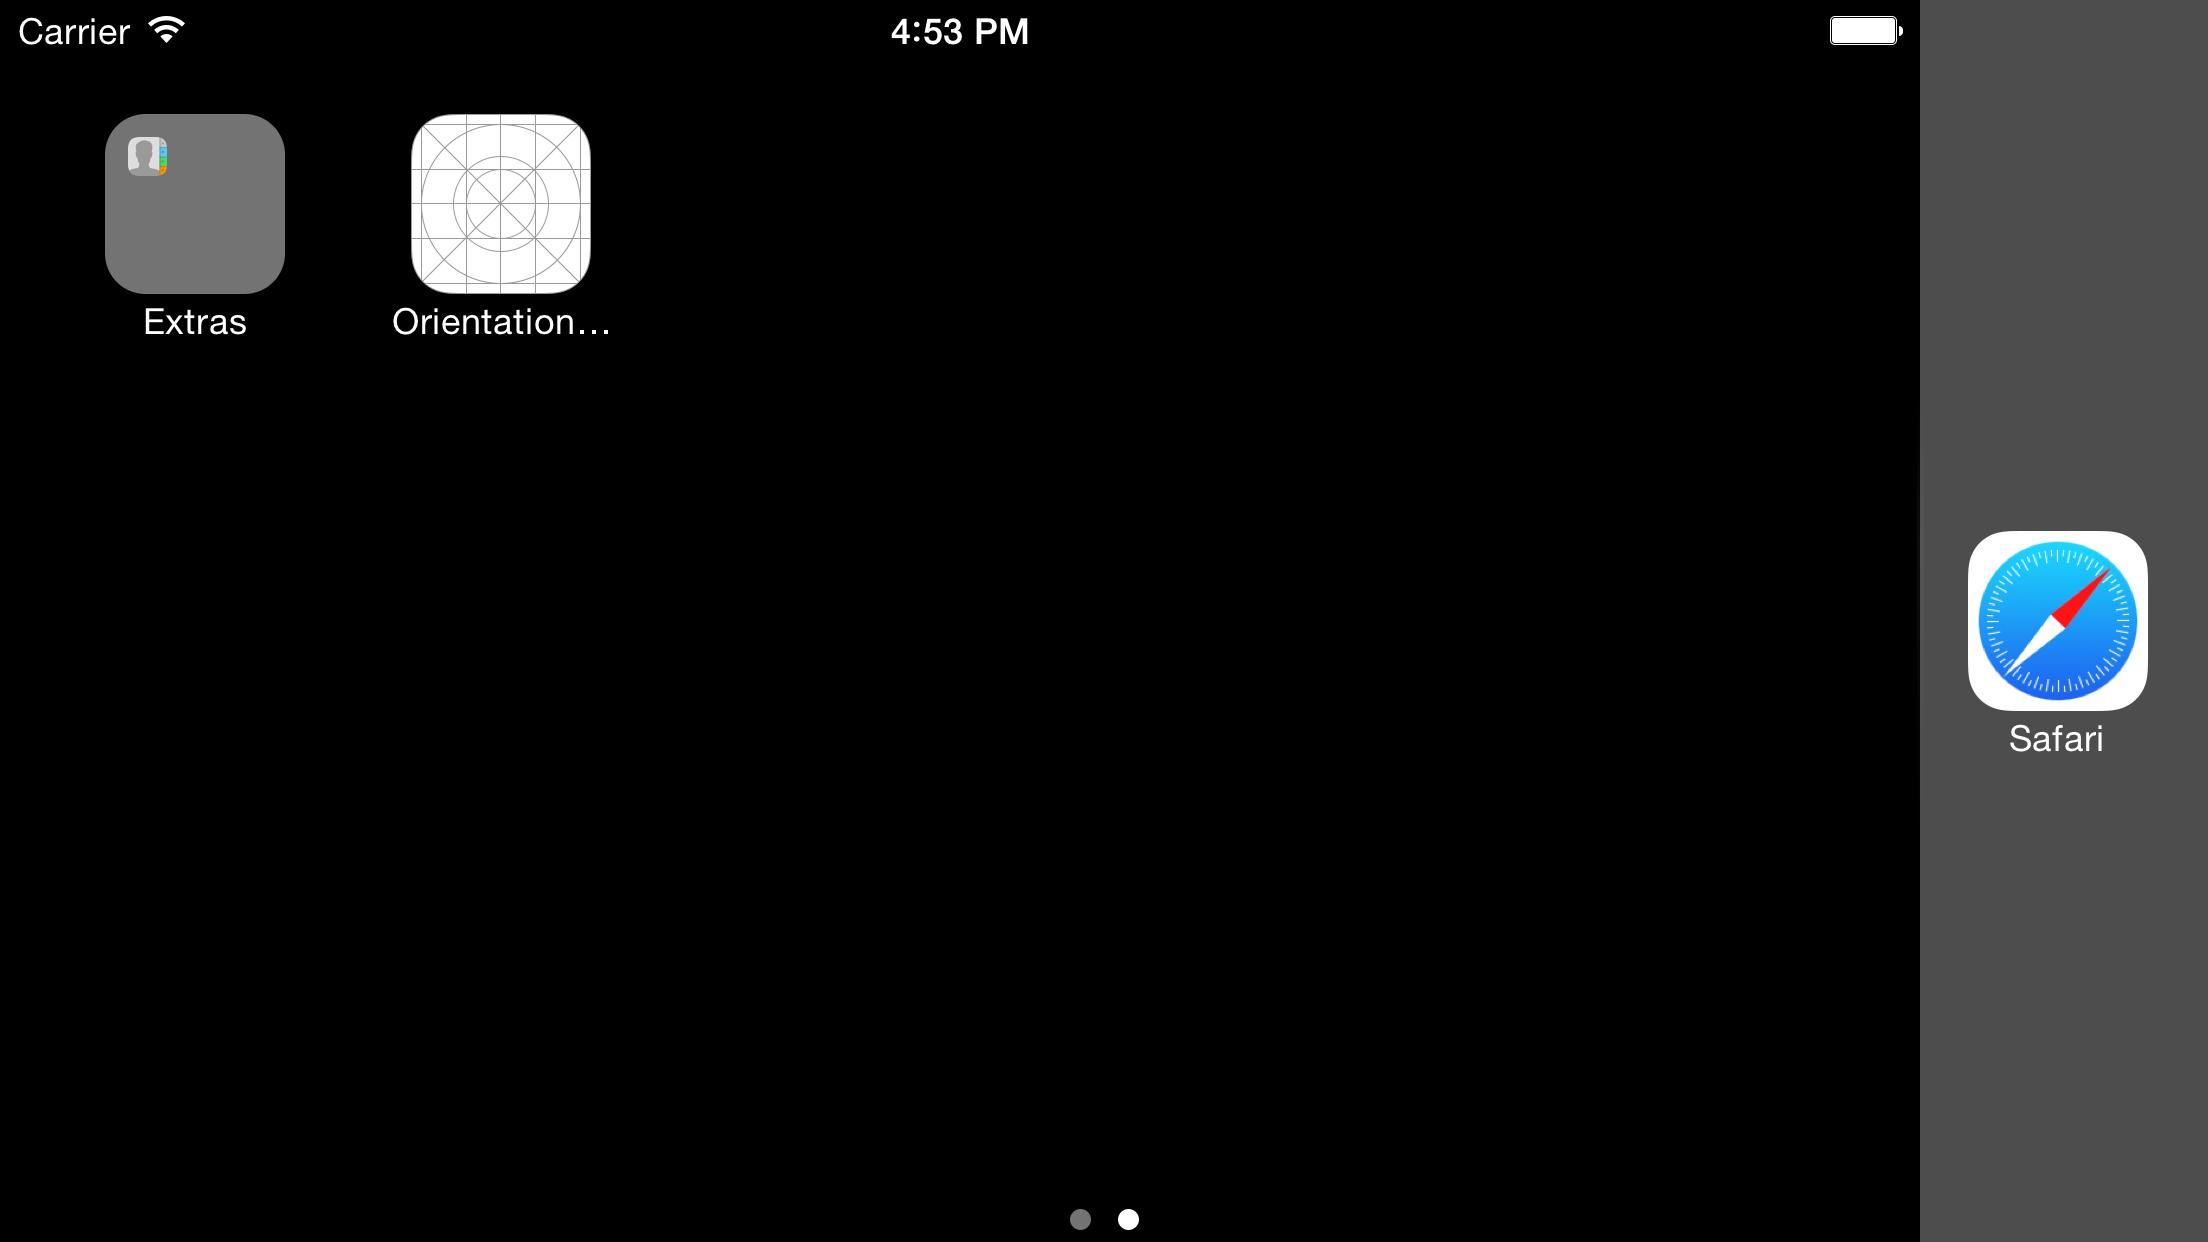 iOS Simulator Screen Shot 2014.10.07 16.53.34.png